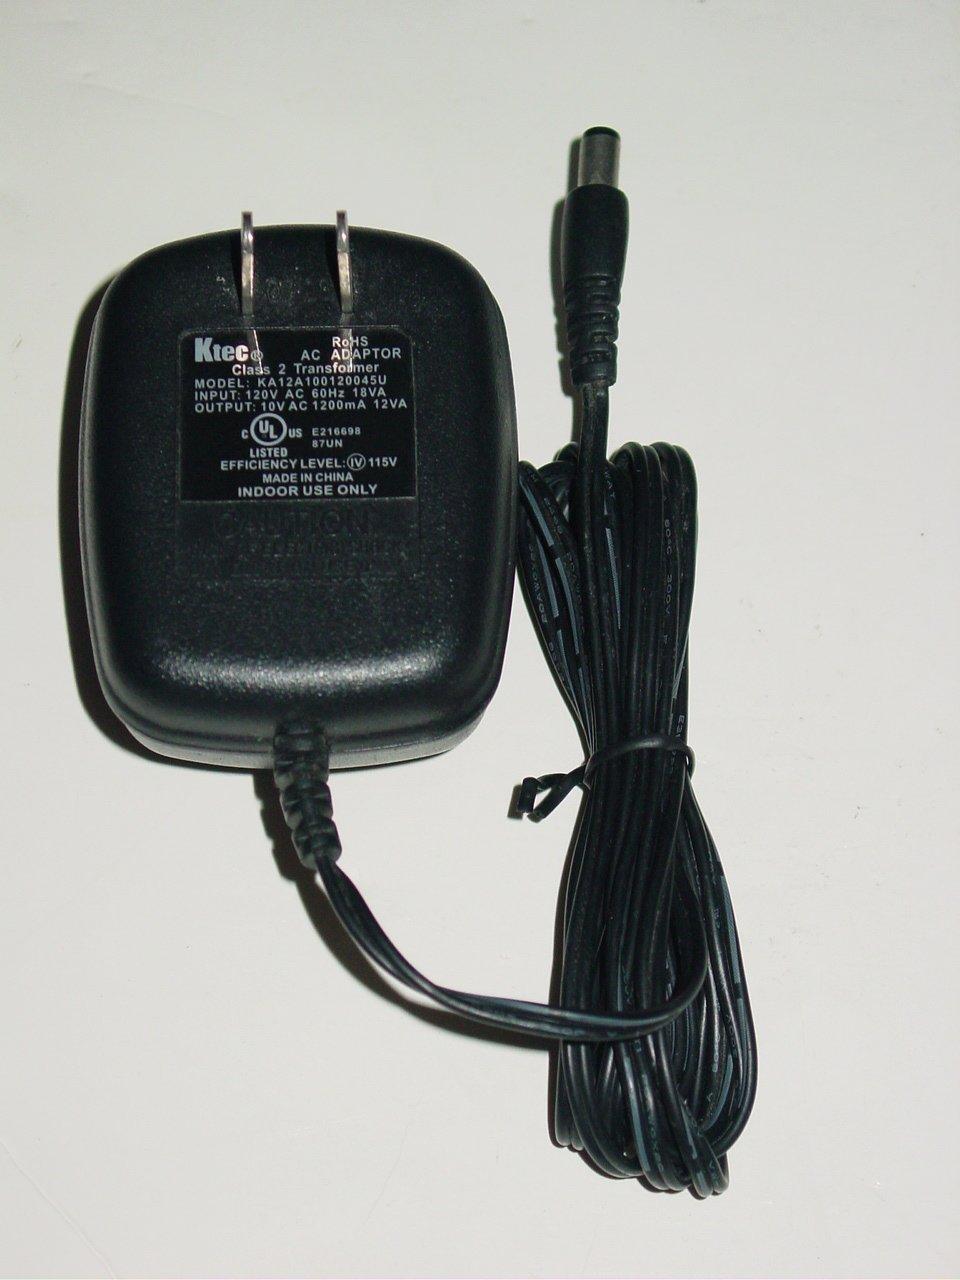 Ktec KA12A100120045U  AC Adapter 10VAC 1200mA